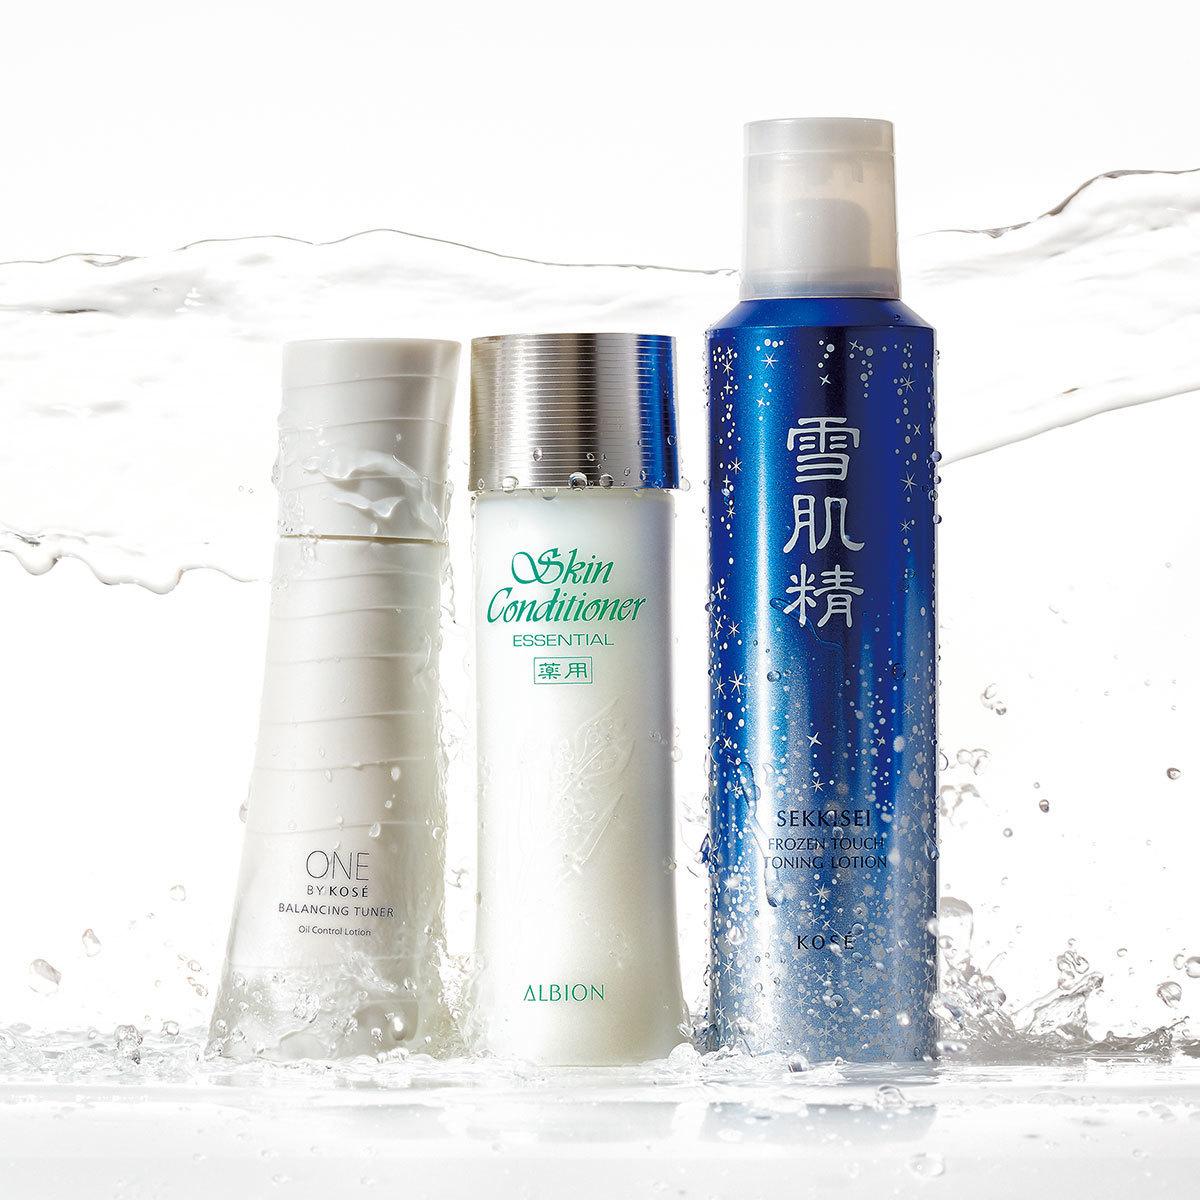 40代のための化粧水特集 | アンチエイジング、くすみ、ごわつきにおすすめの化粧水は?_1_17